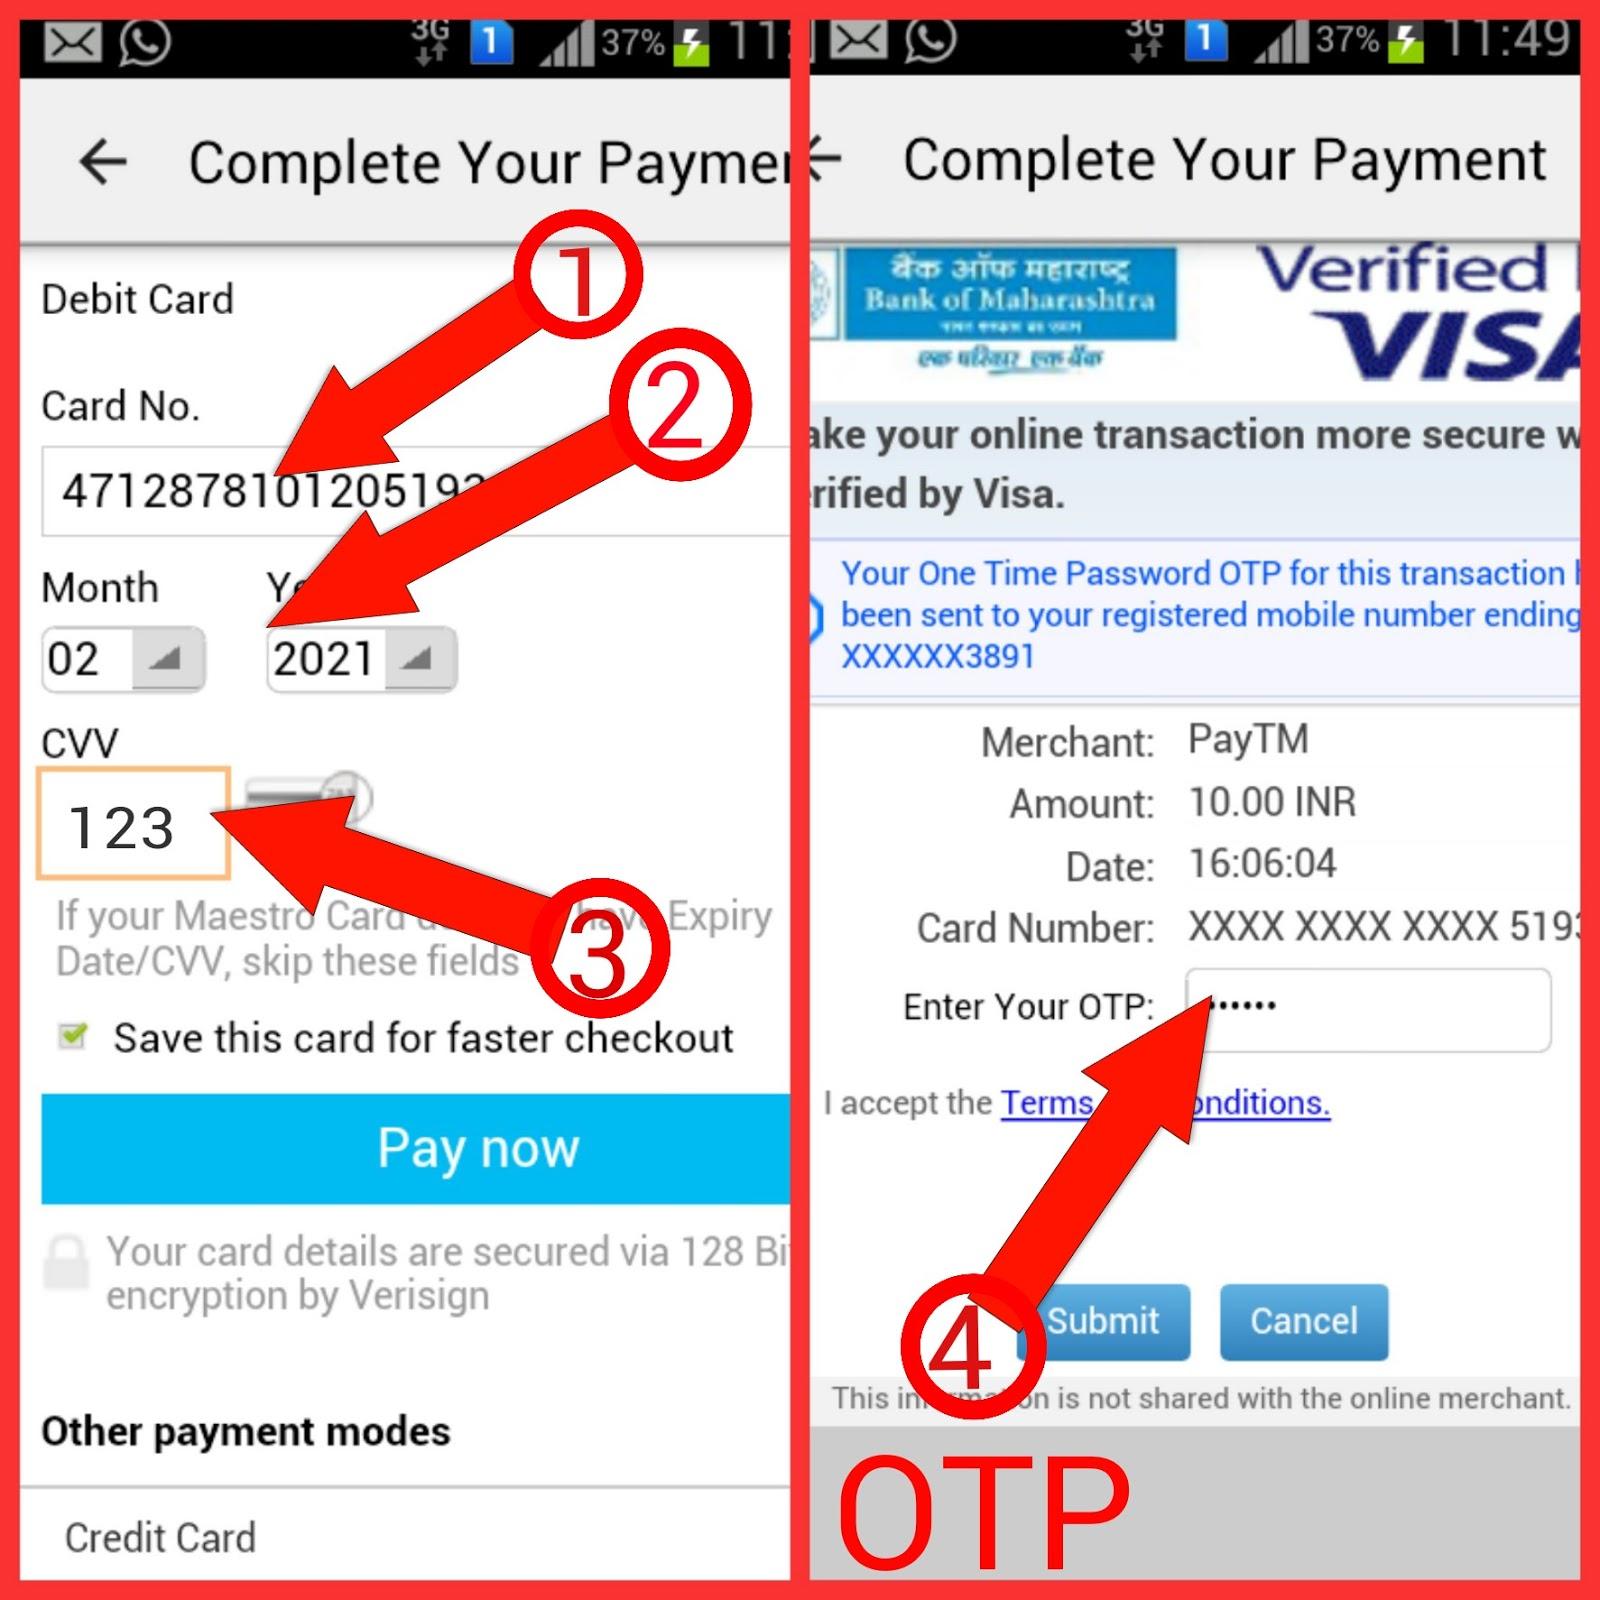 debit card kya hai  debit card ka use online transaction